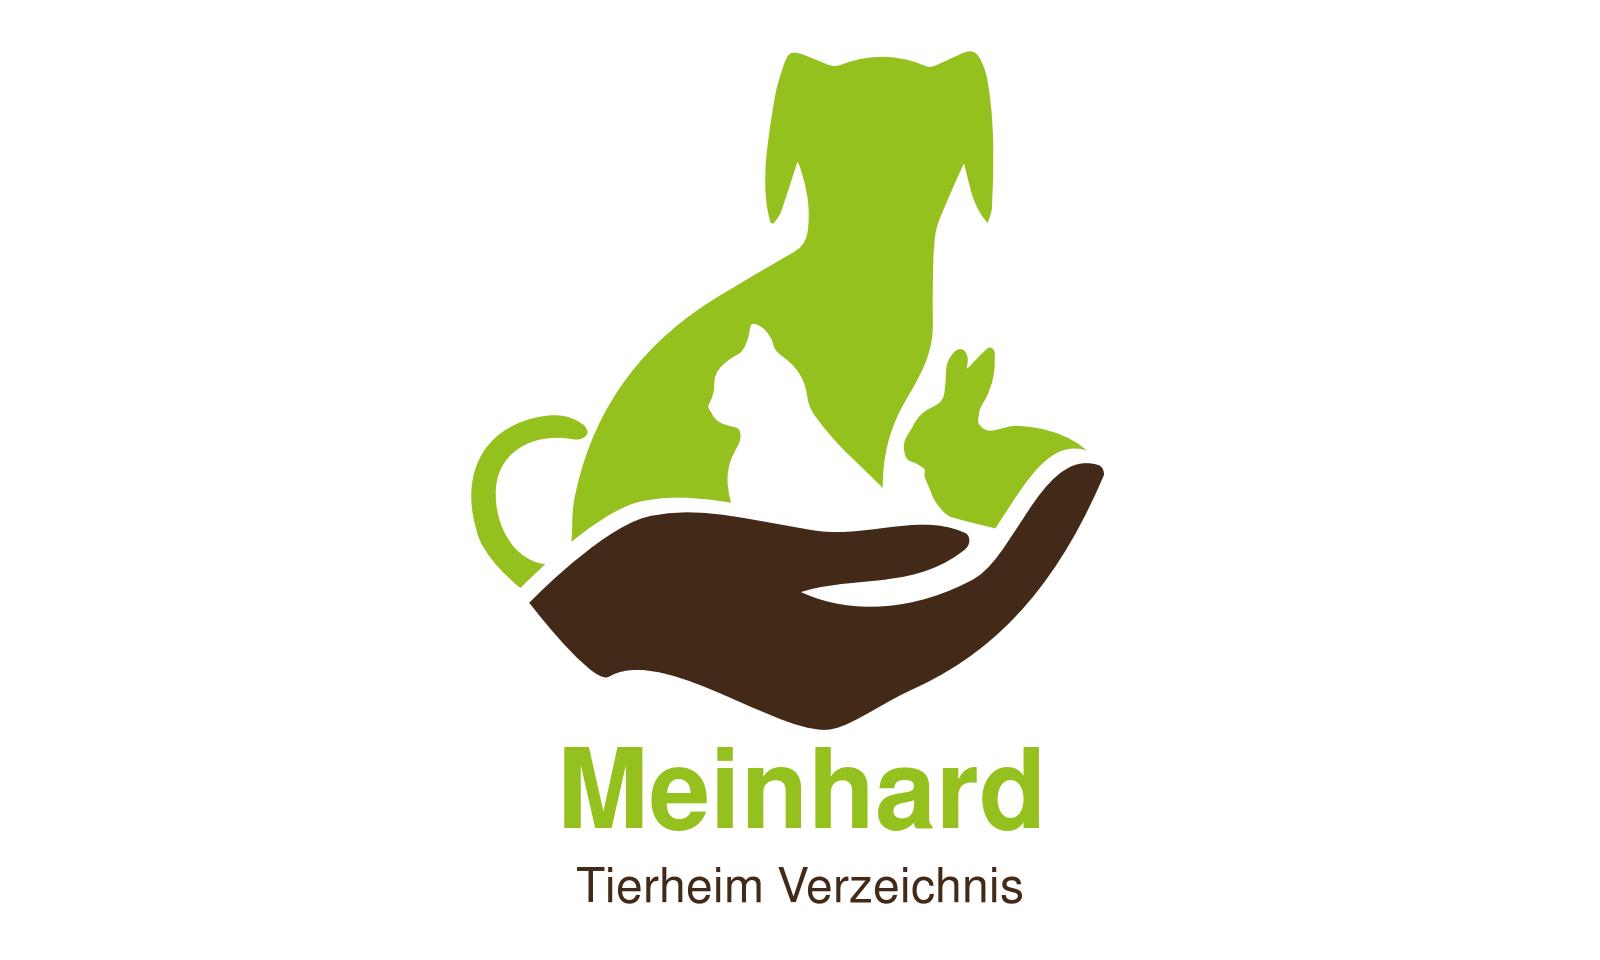 Tierheim Meinhard